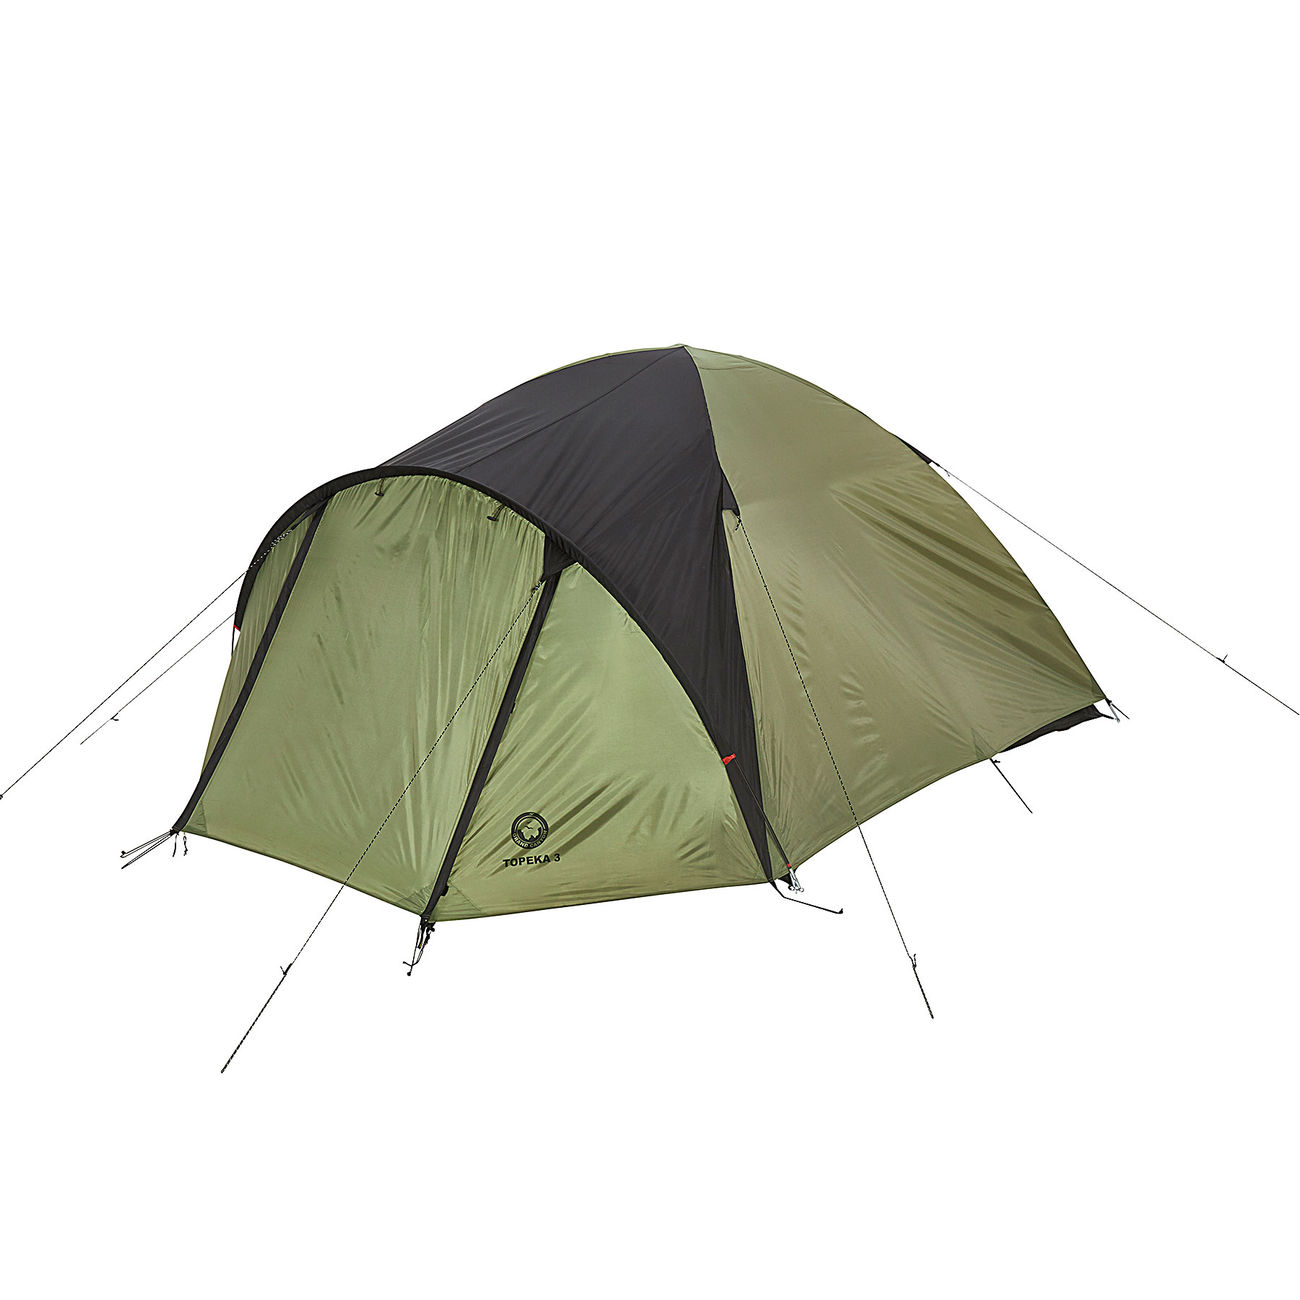 Mumienschlafsack ECONOMIC FOX Schlafsack Camping Outdoor Zelten schwarz grau